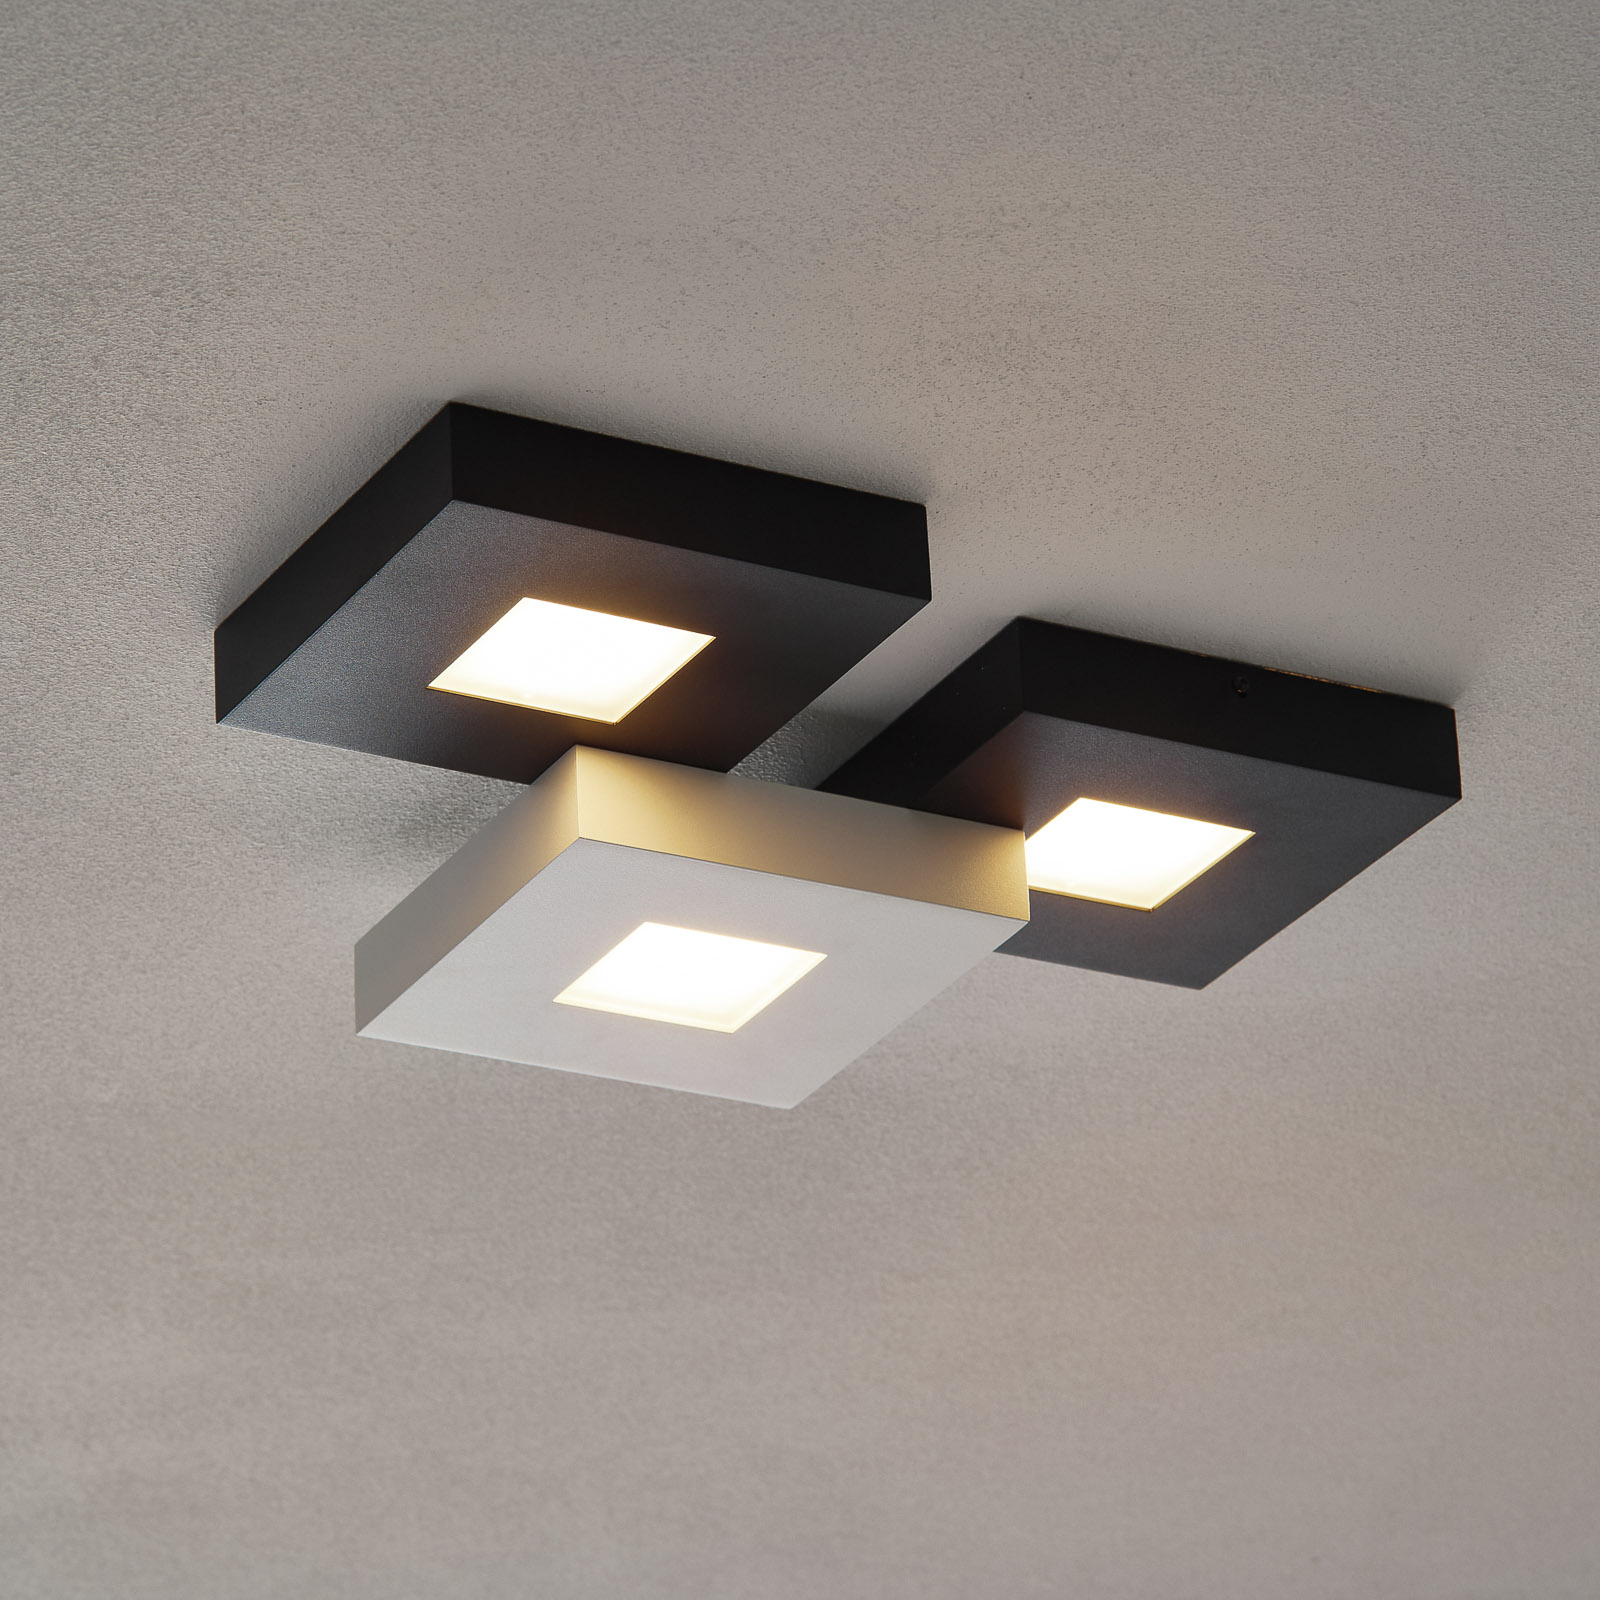 Bopp Cubus - 3zdr LED stropní svítidlo, černobílé